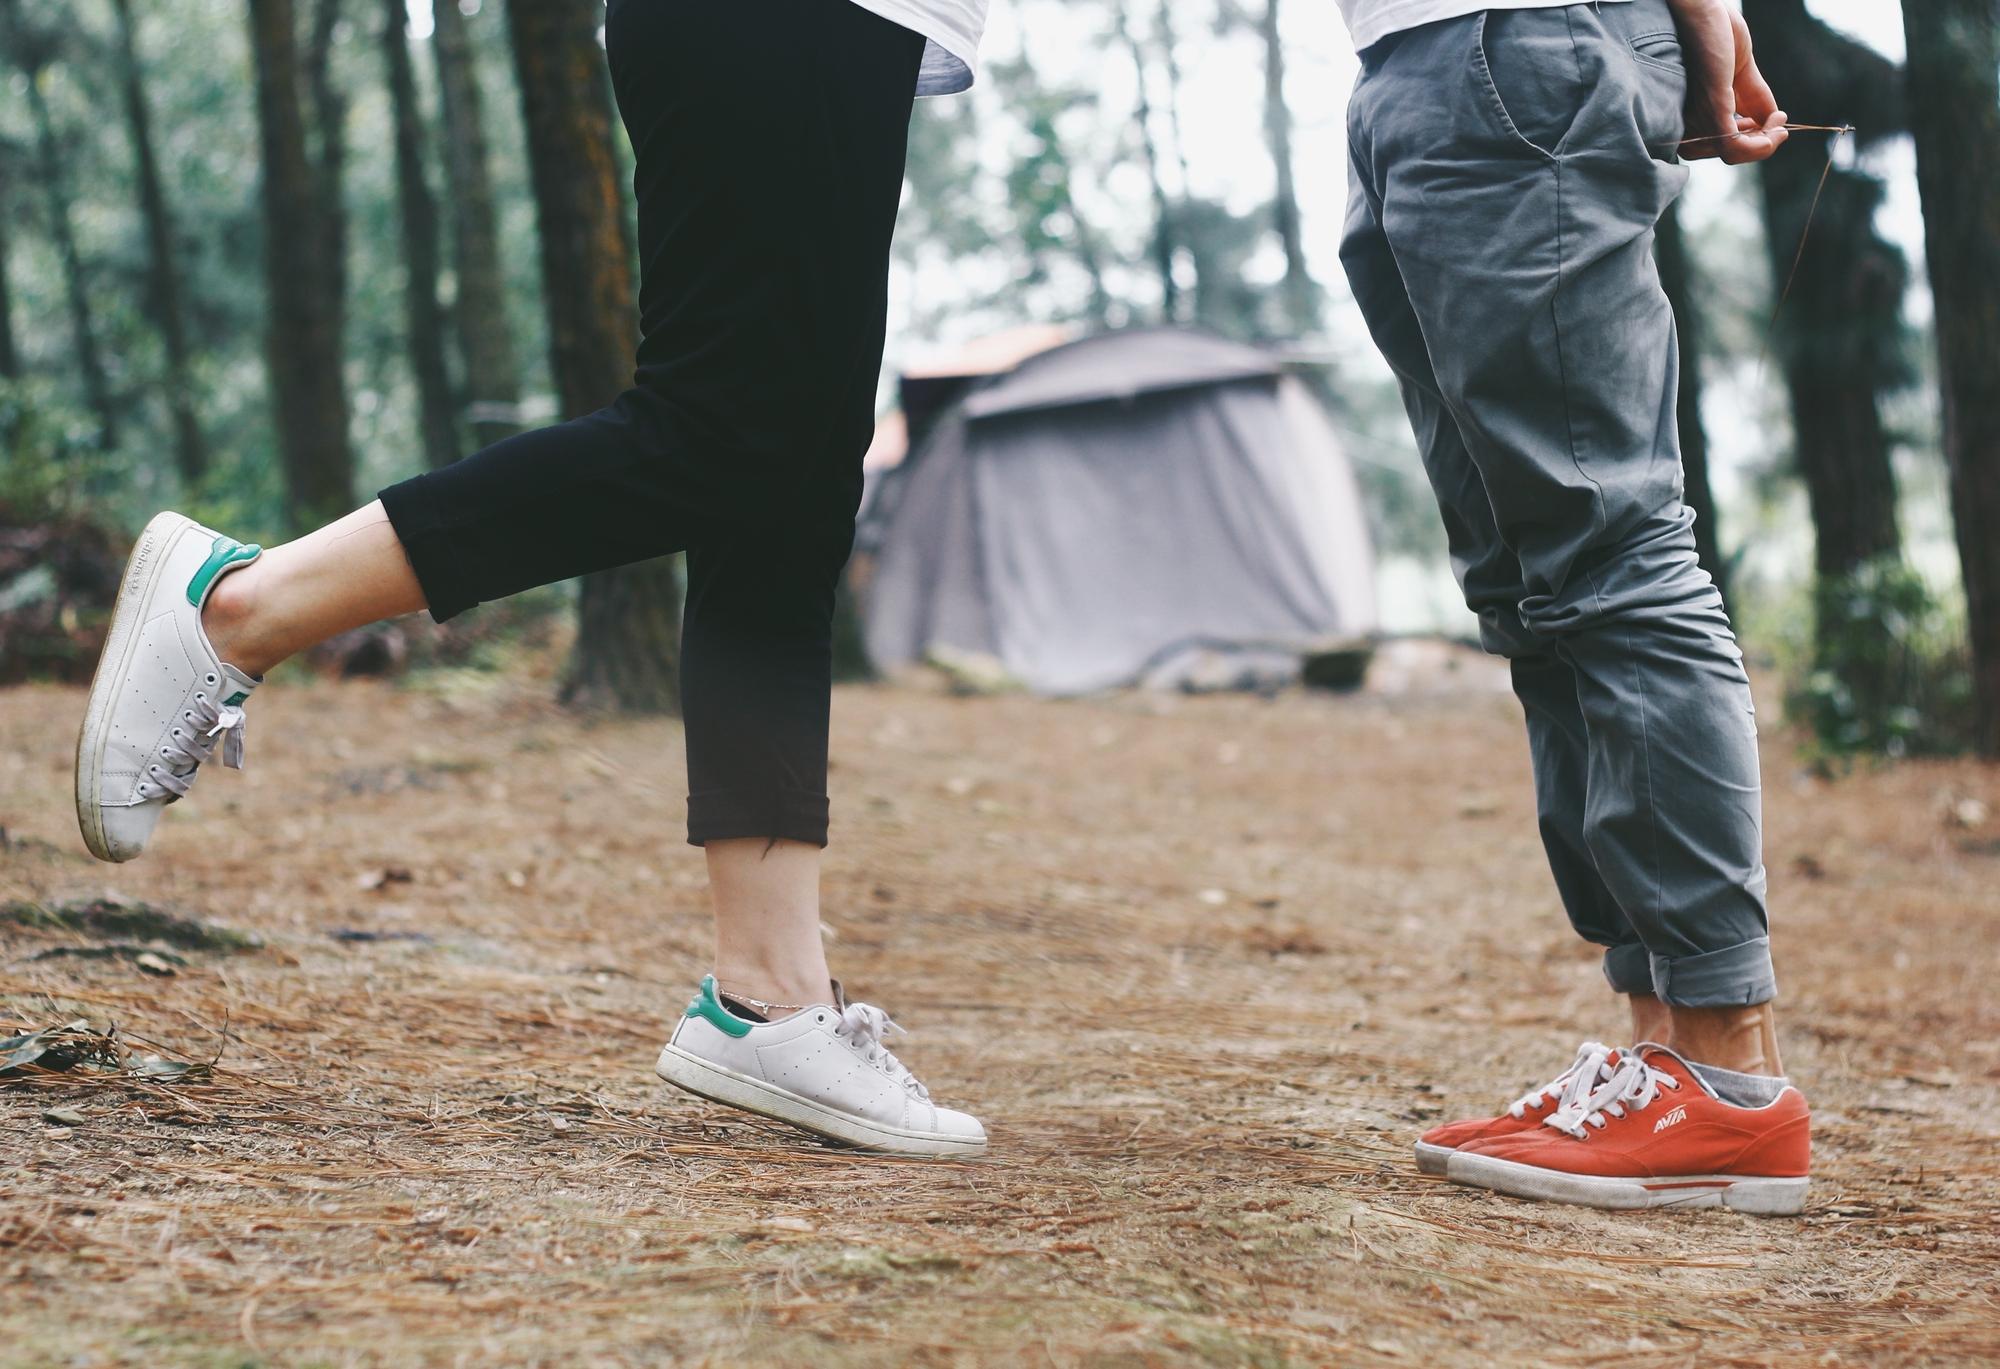 Yêu xa mà chia tay là chẳng kịp nhìn nhau để nói lời tạm biệt -